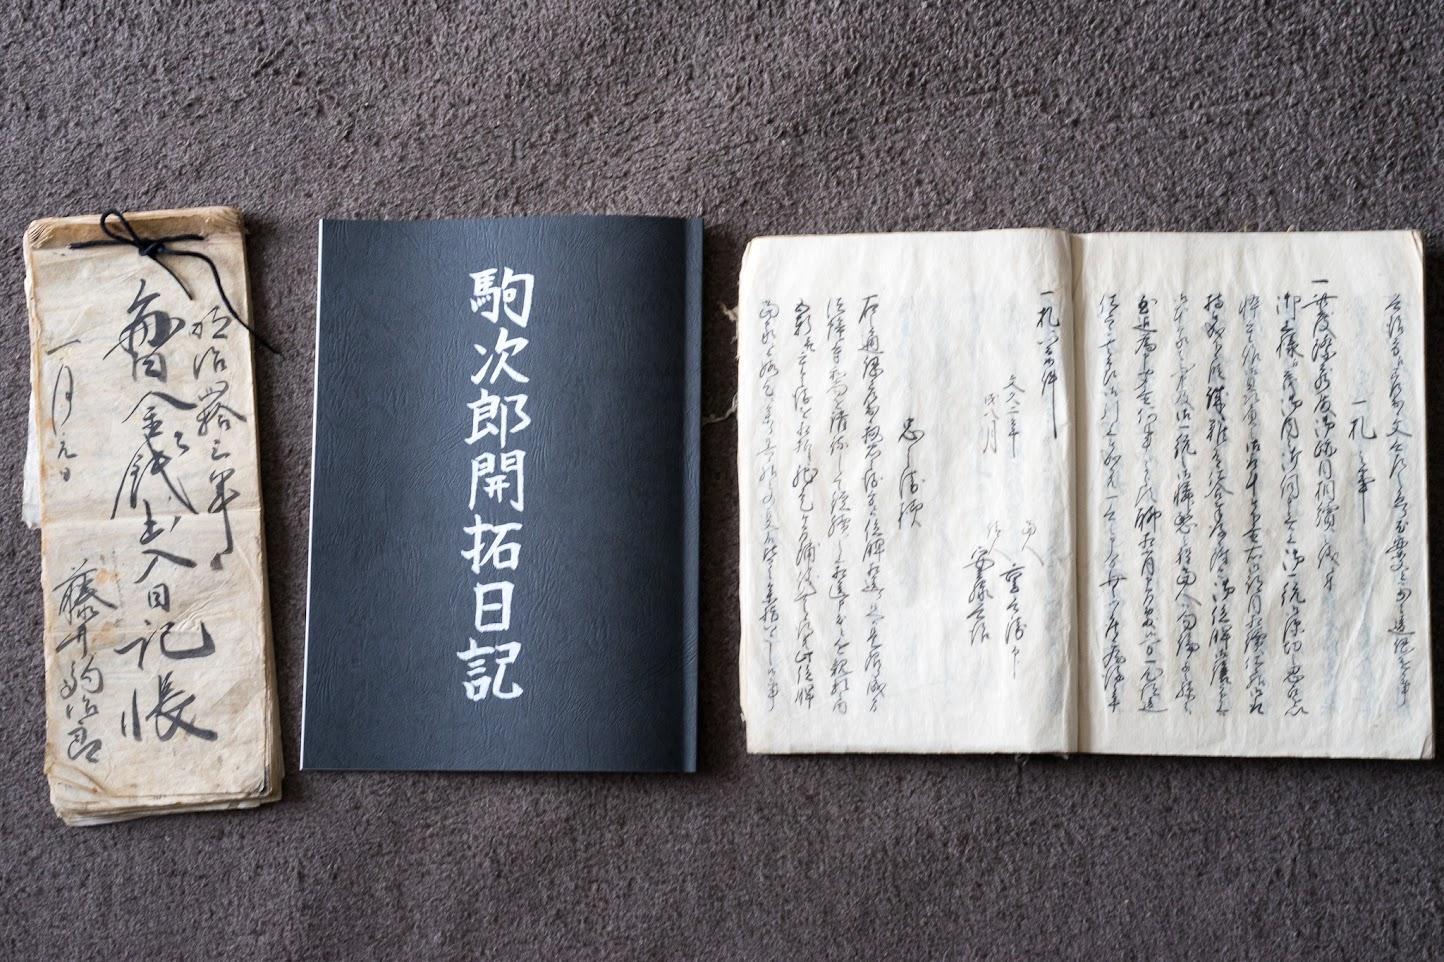 『駒次郎開拓日記』